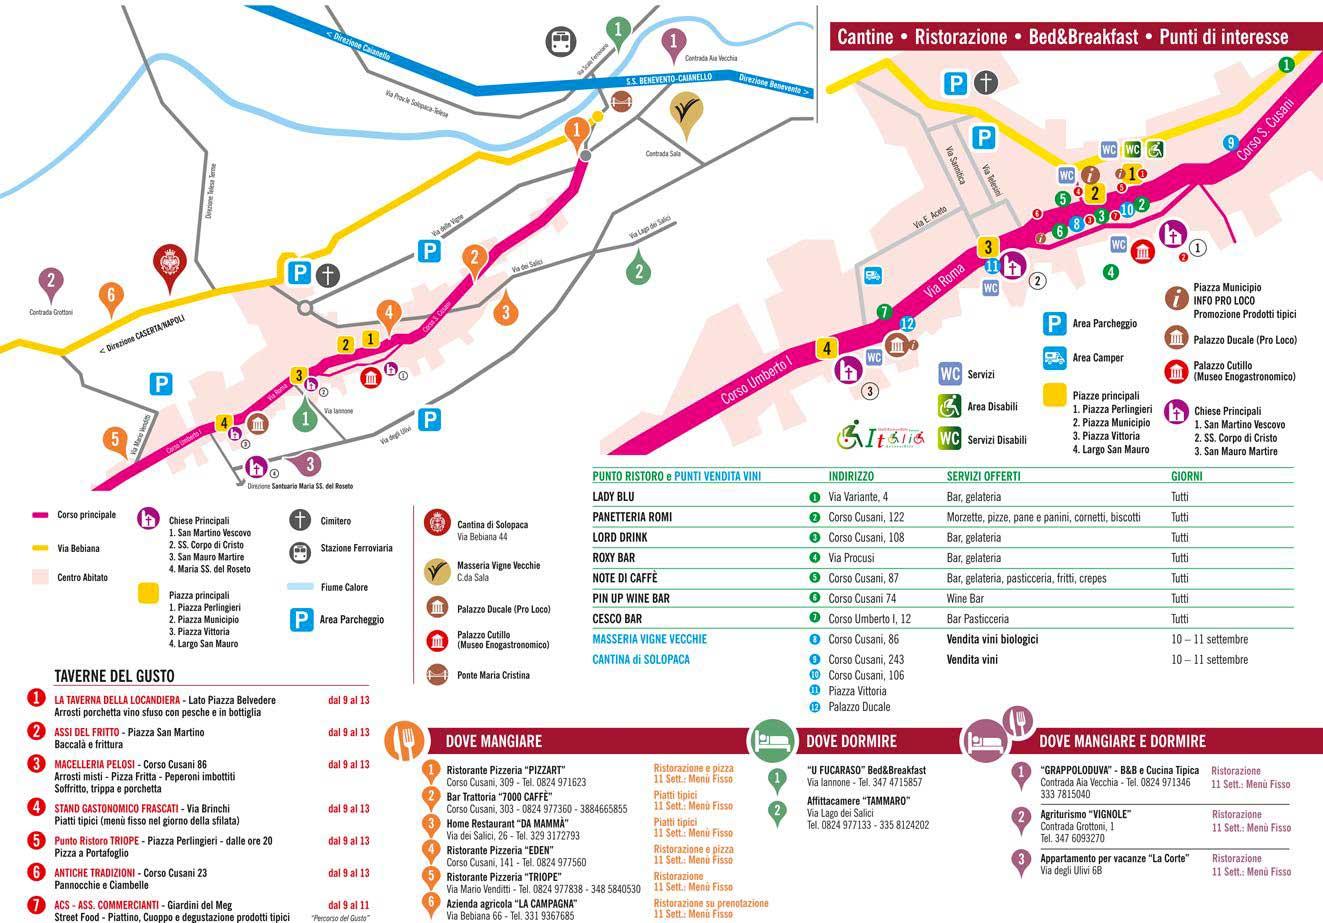 Mappa turistica Festa dell'Uva 2016